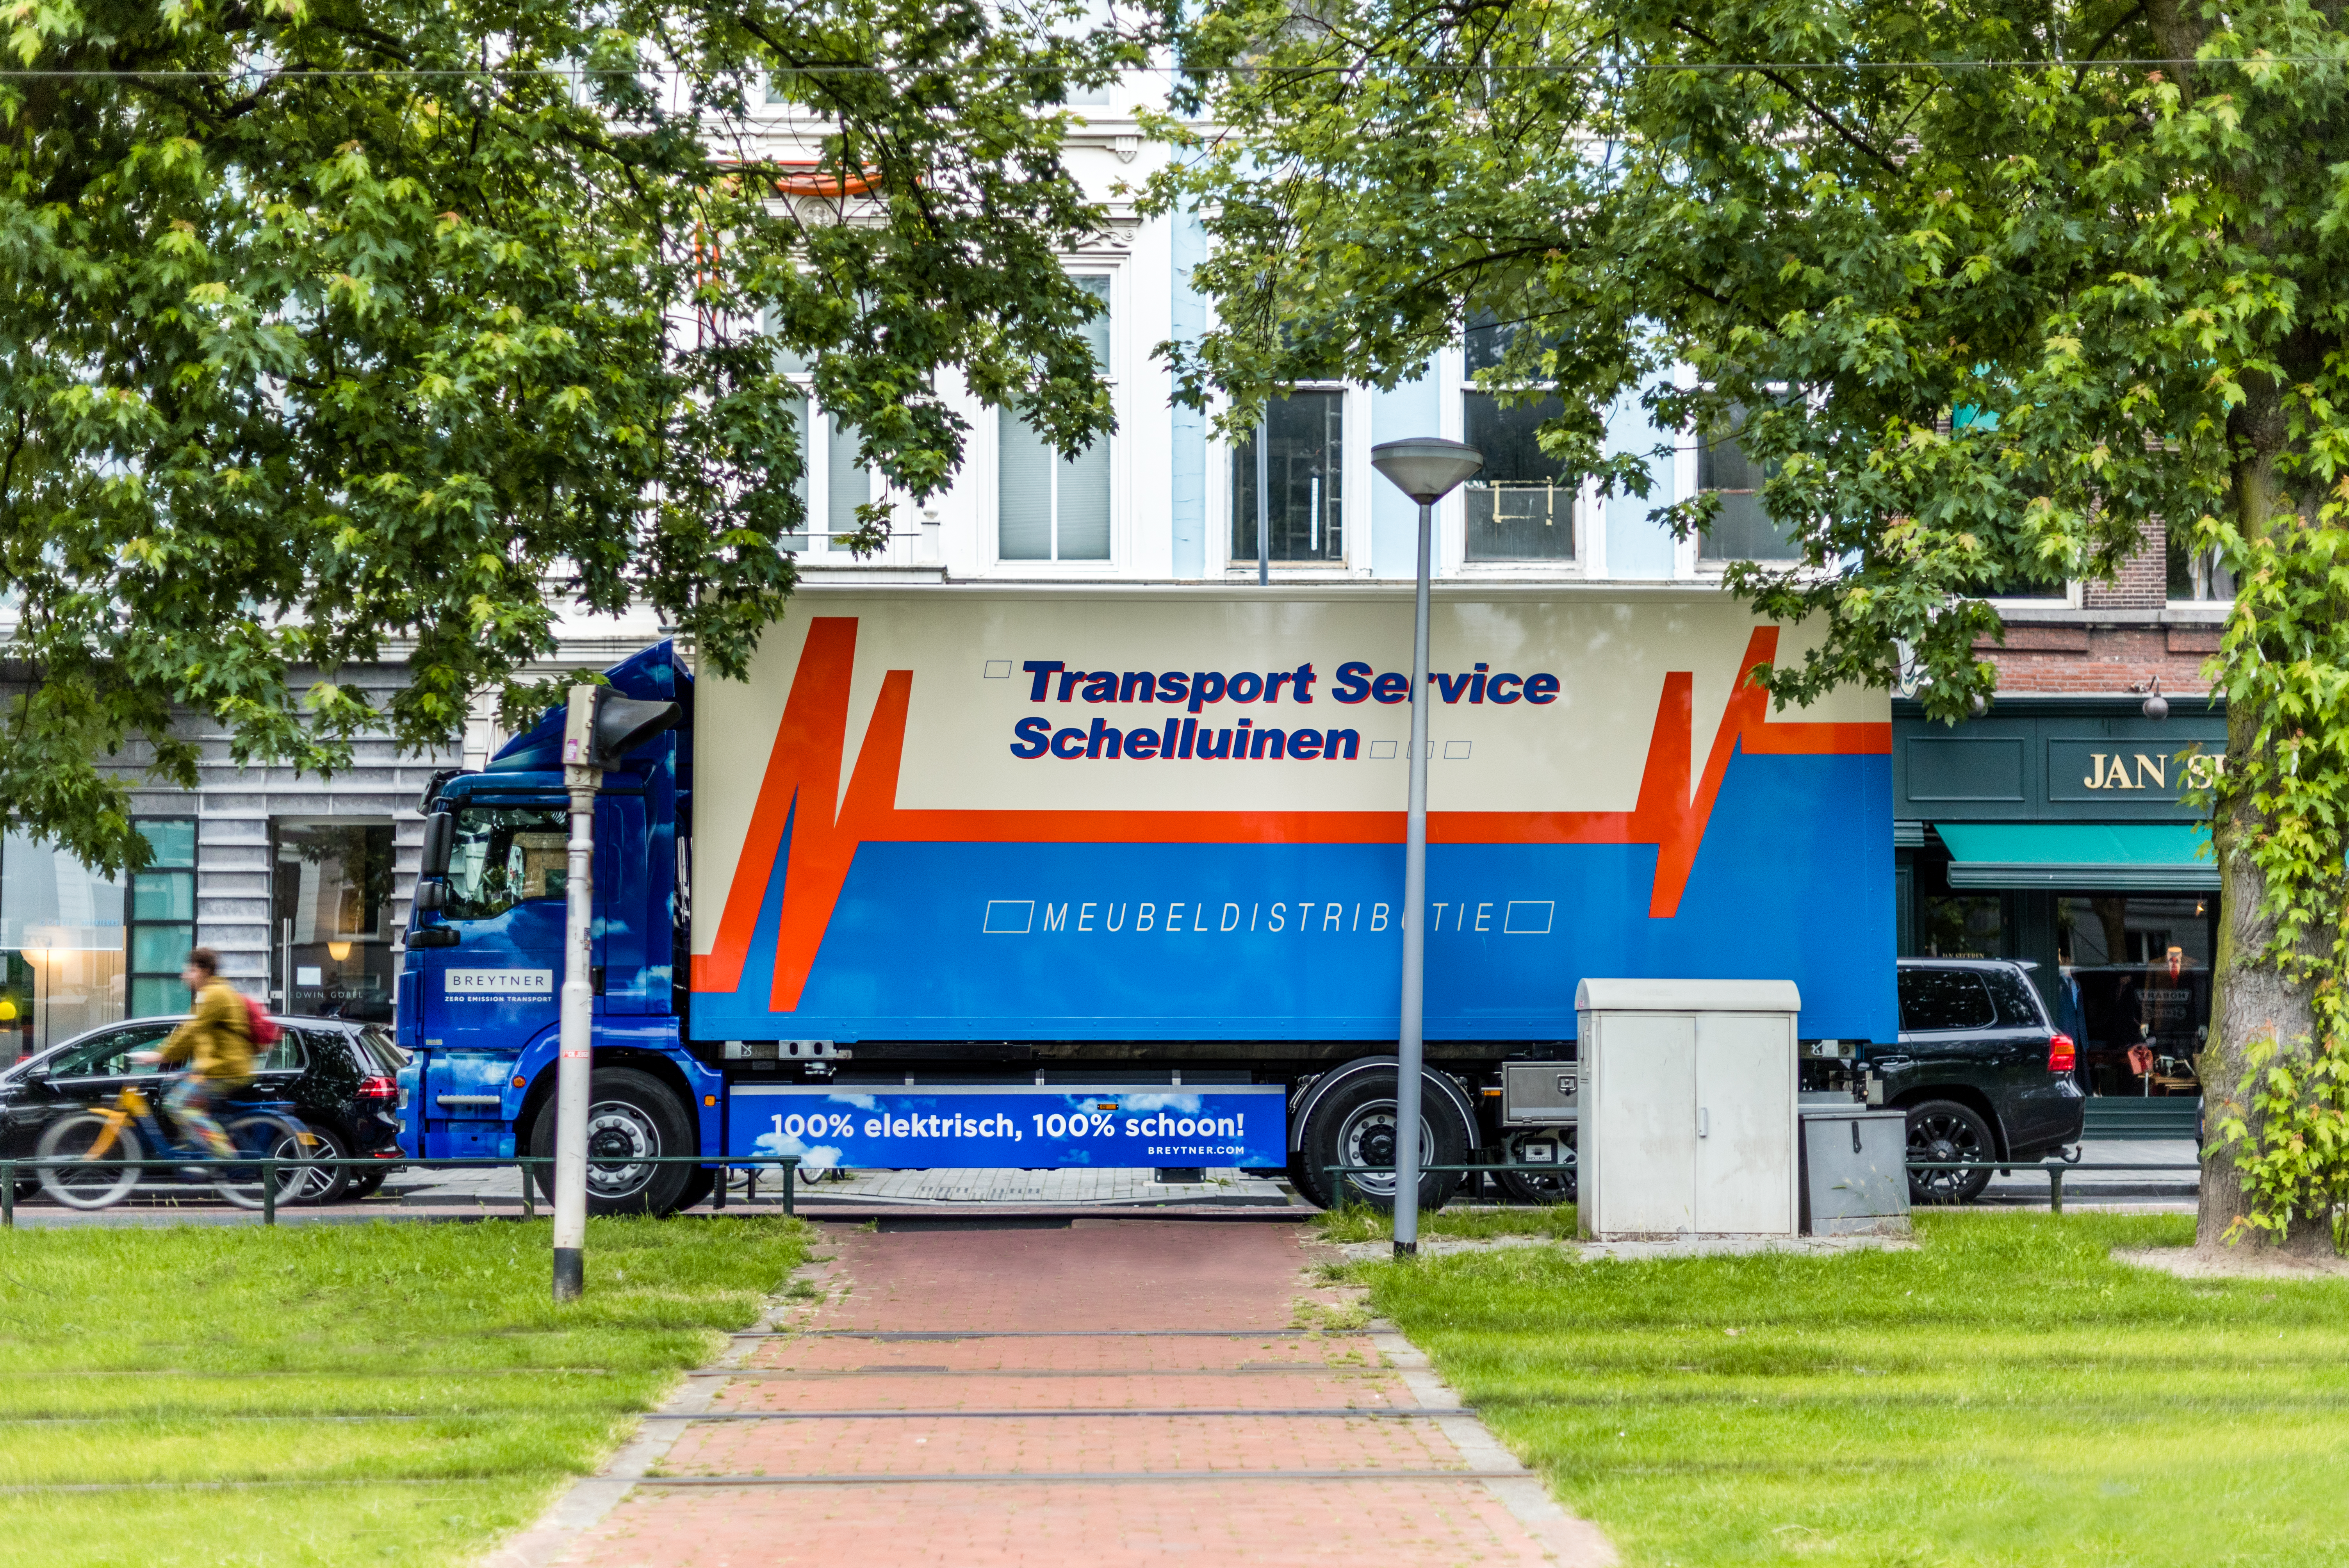 FREVUE image of a Breytner Transport EFV